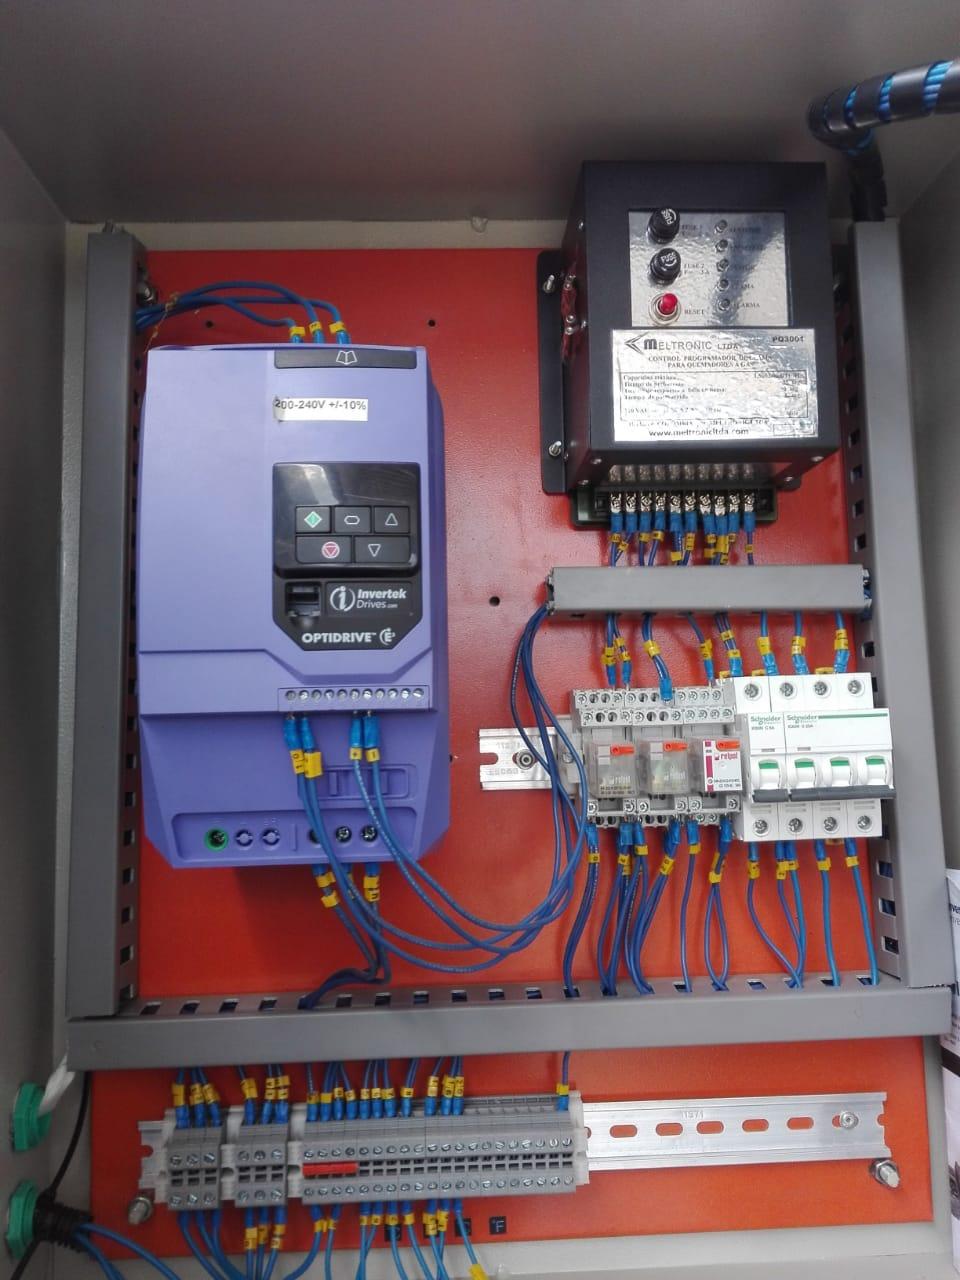 Tablero control quemador con variador